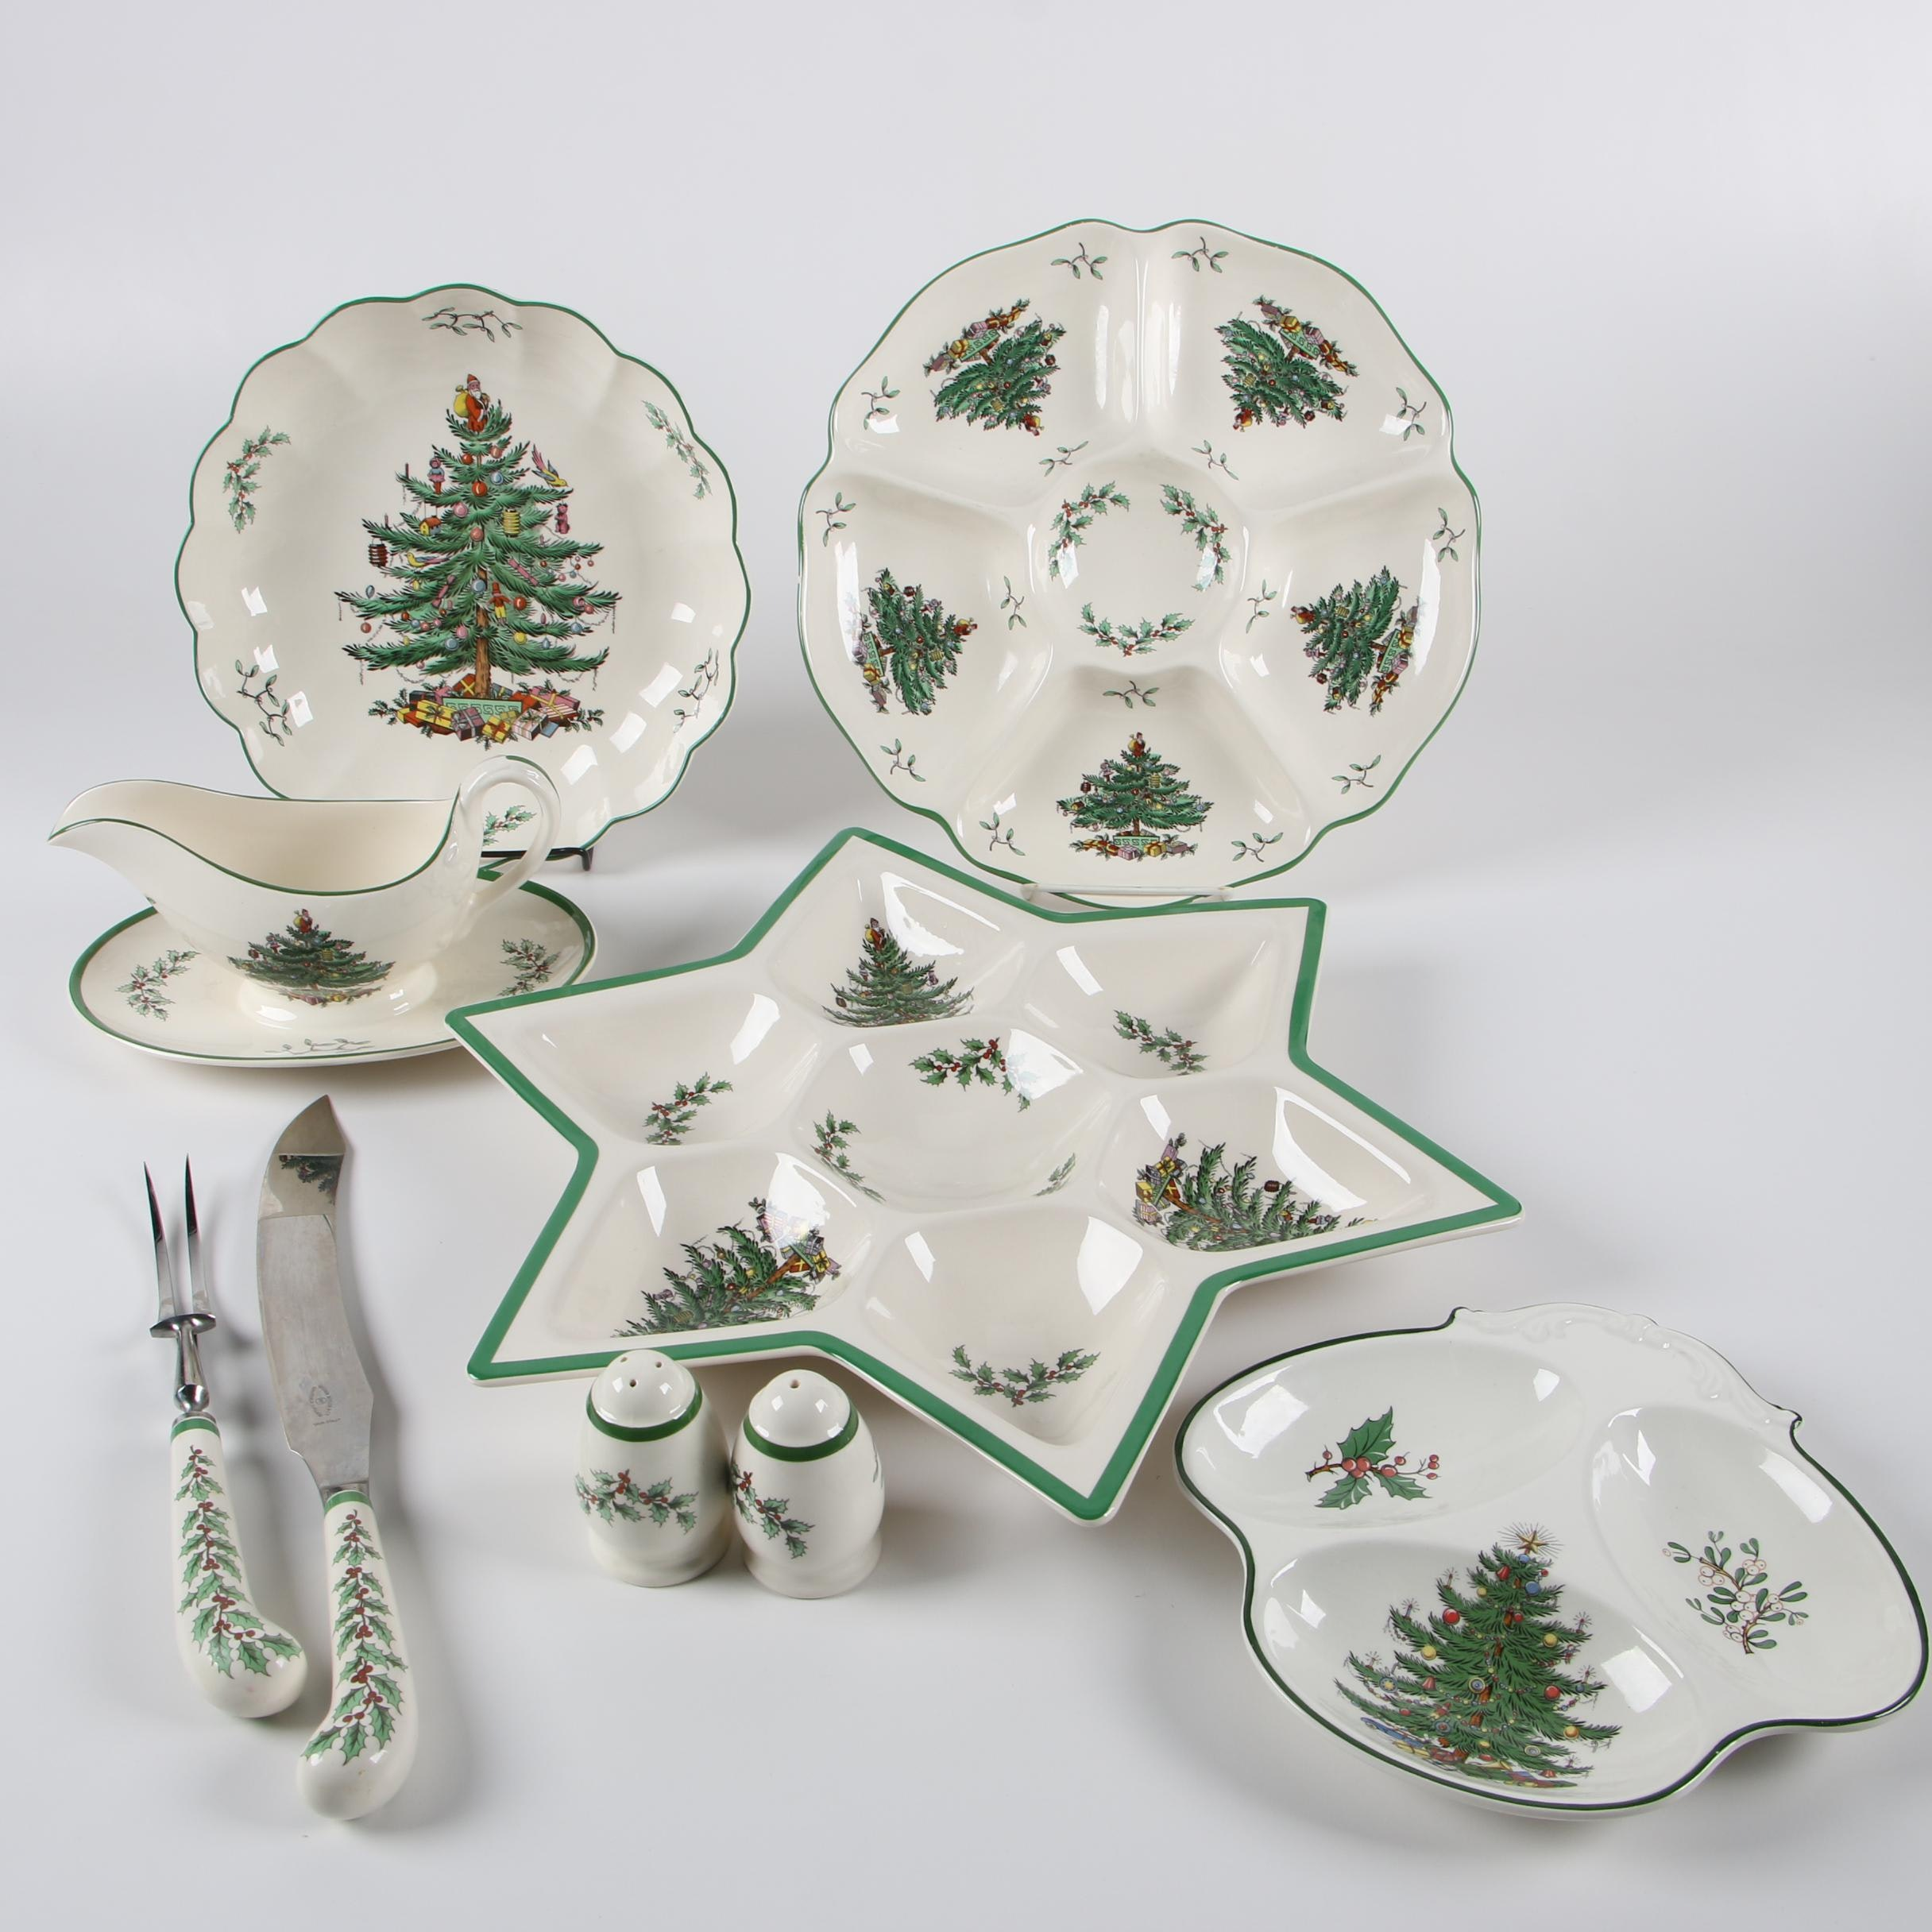 """Spode """"Christmas Tree"""" Ceramic Servingware with Barrington Ironstone"""